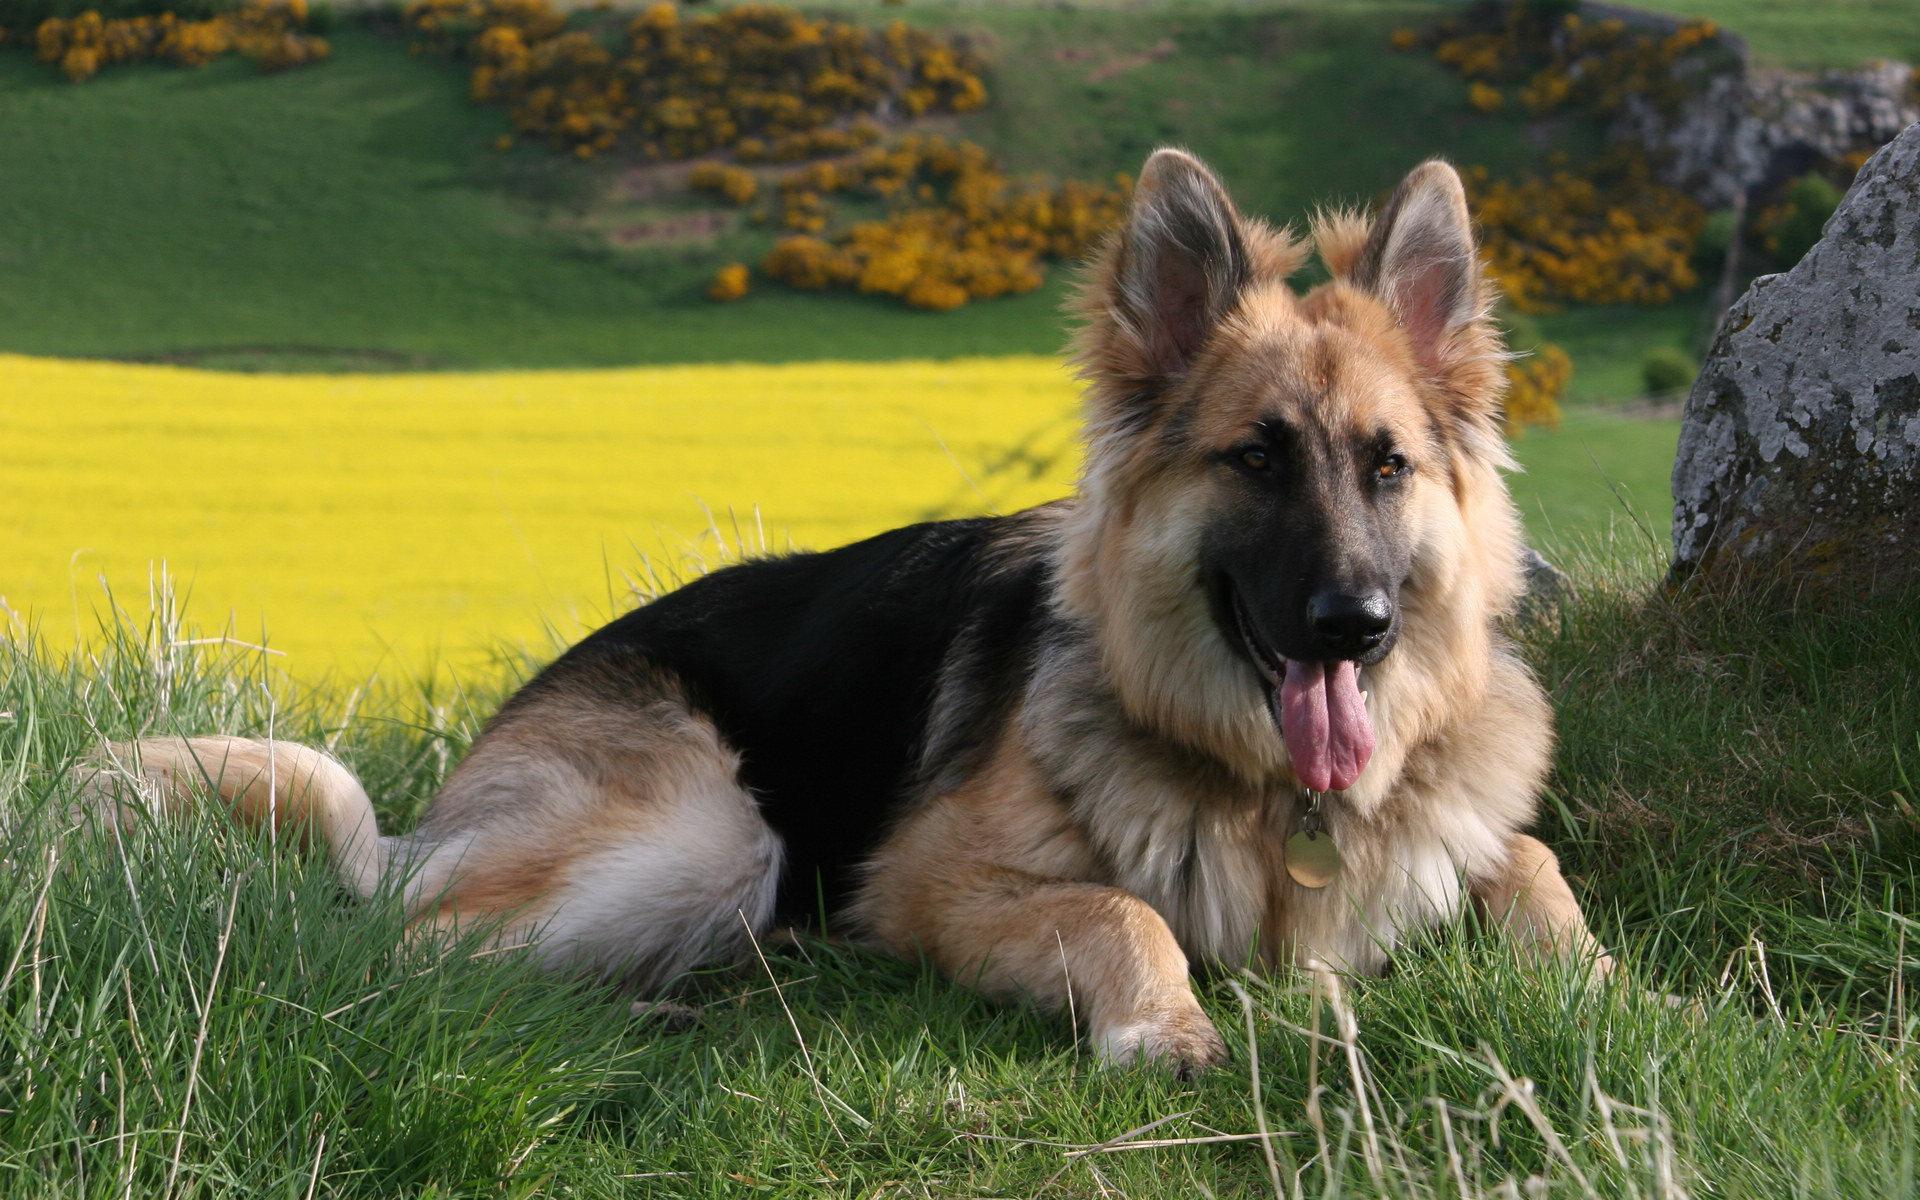 Cute German Shepherd